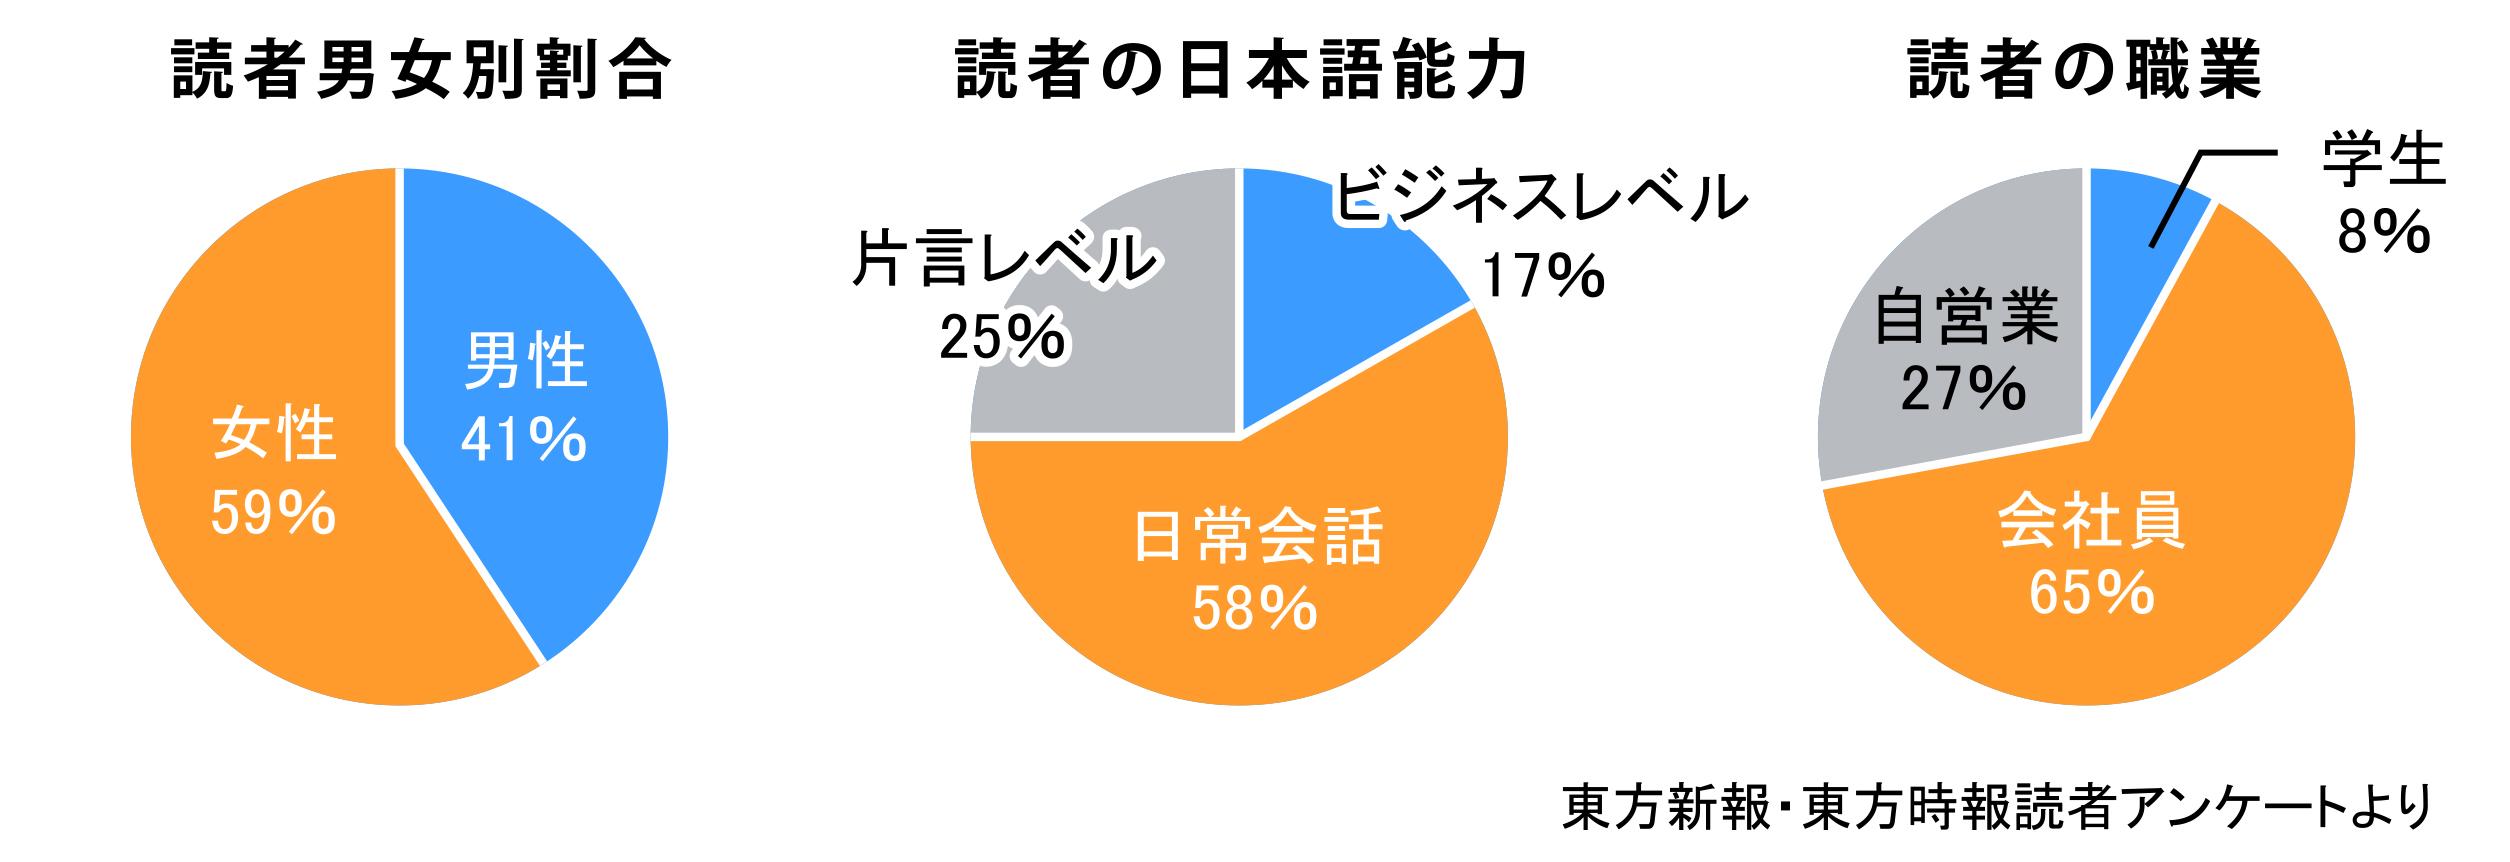 toho_graph